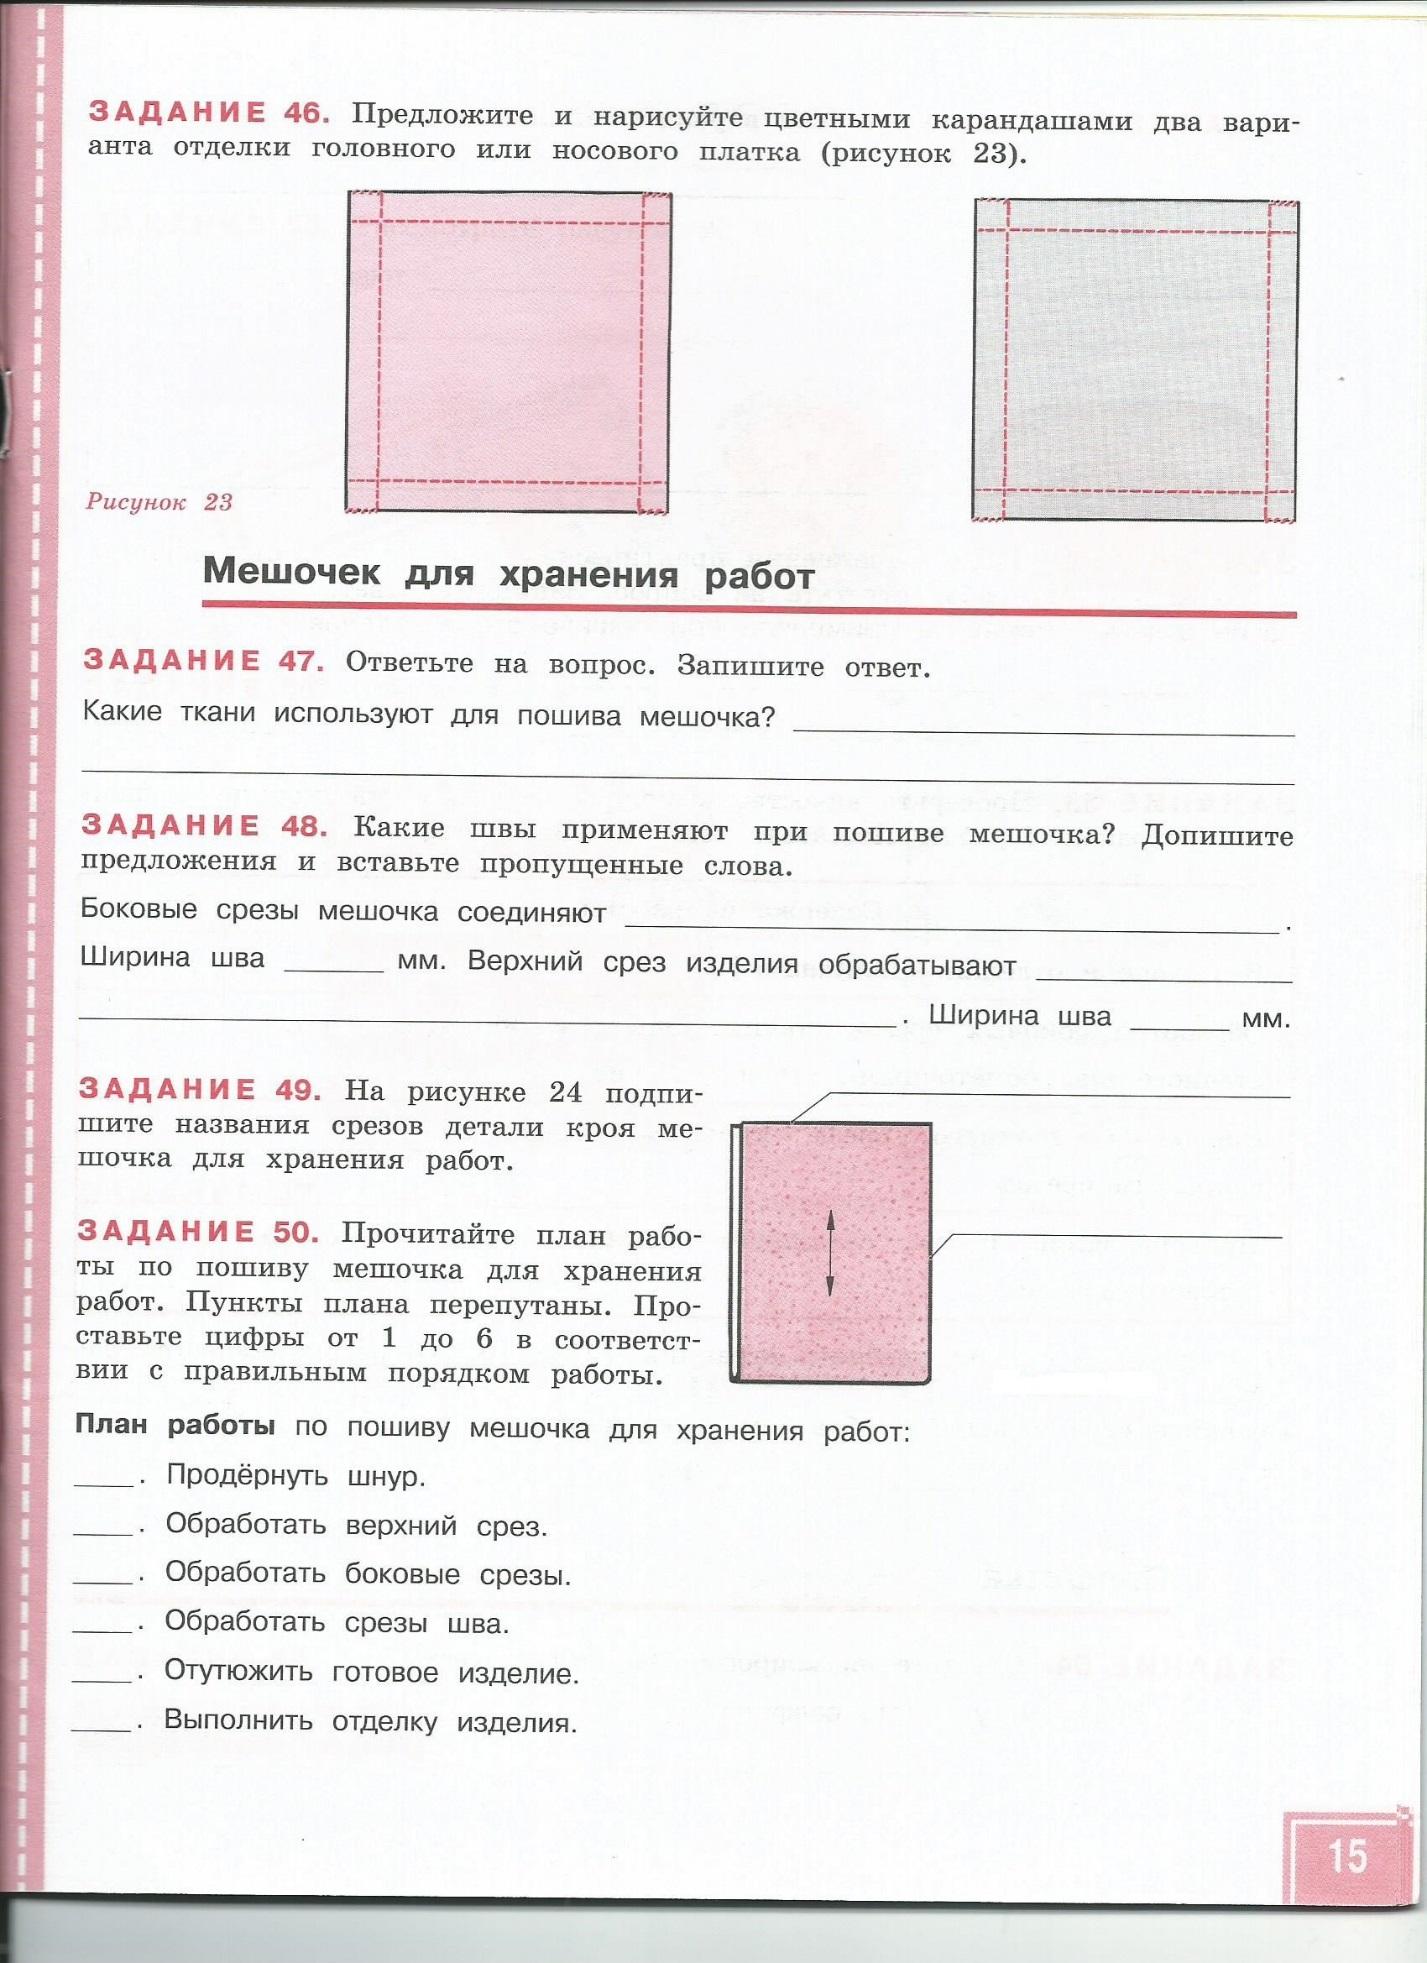 hello_html_m7ad4ffab.jpg